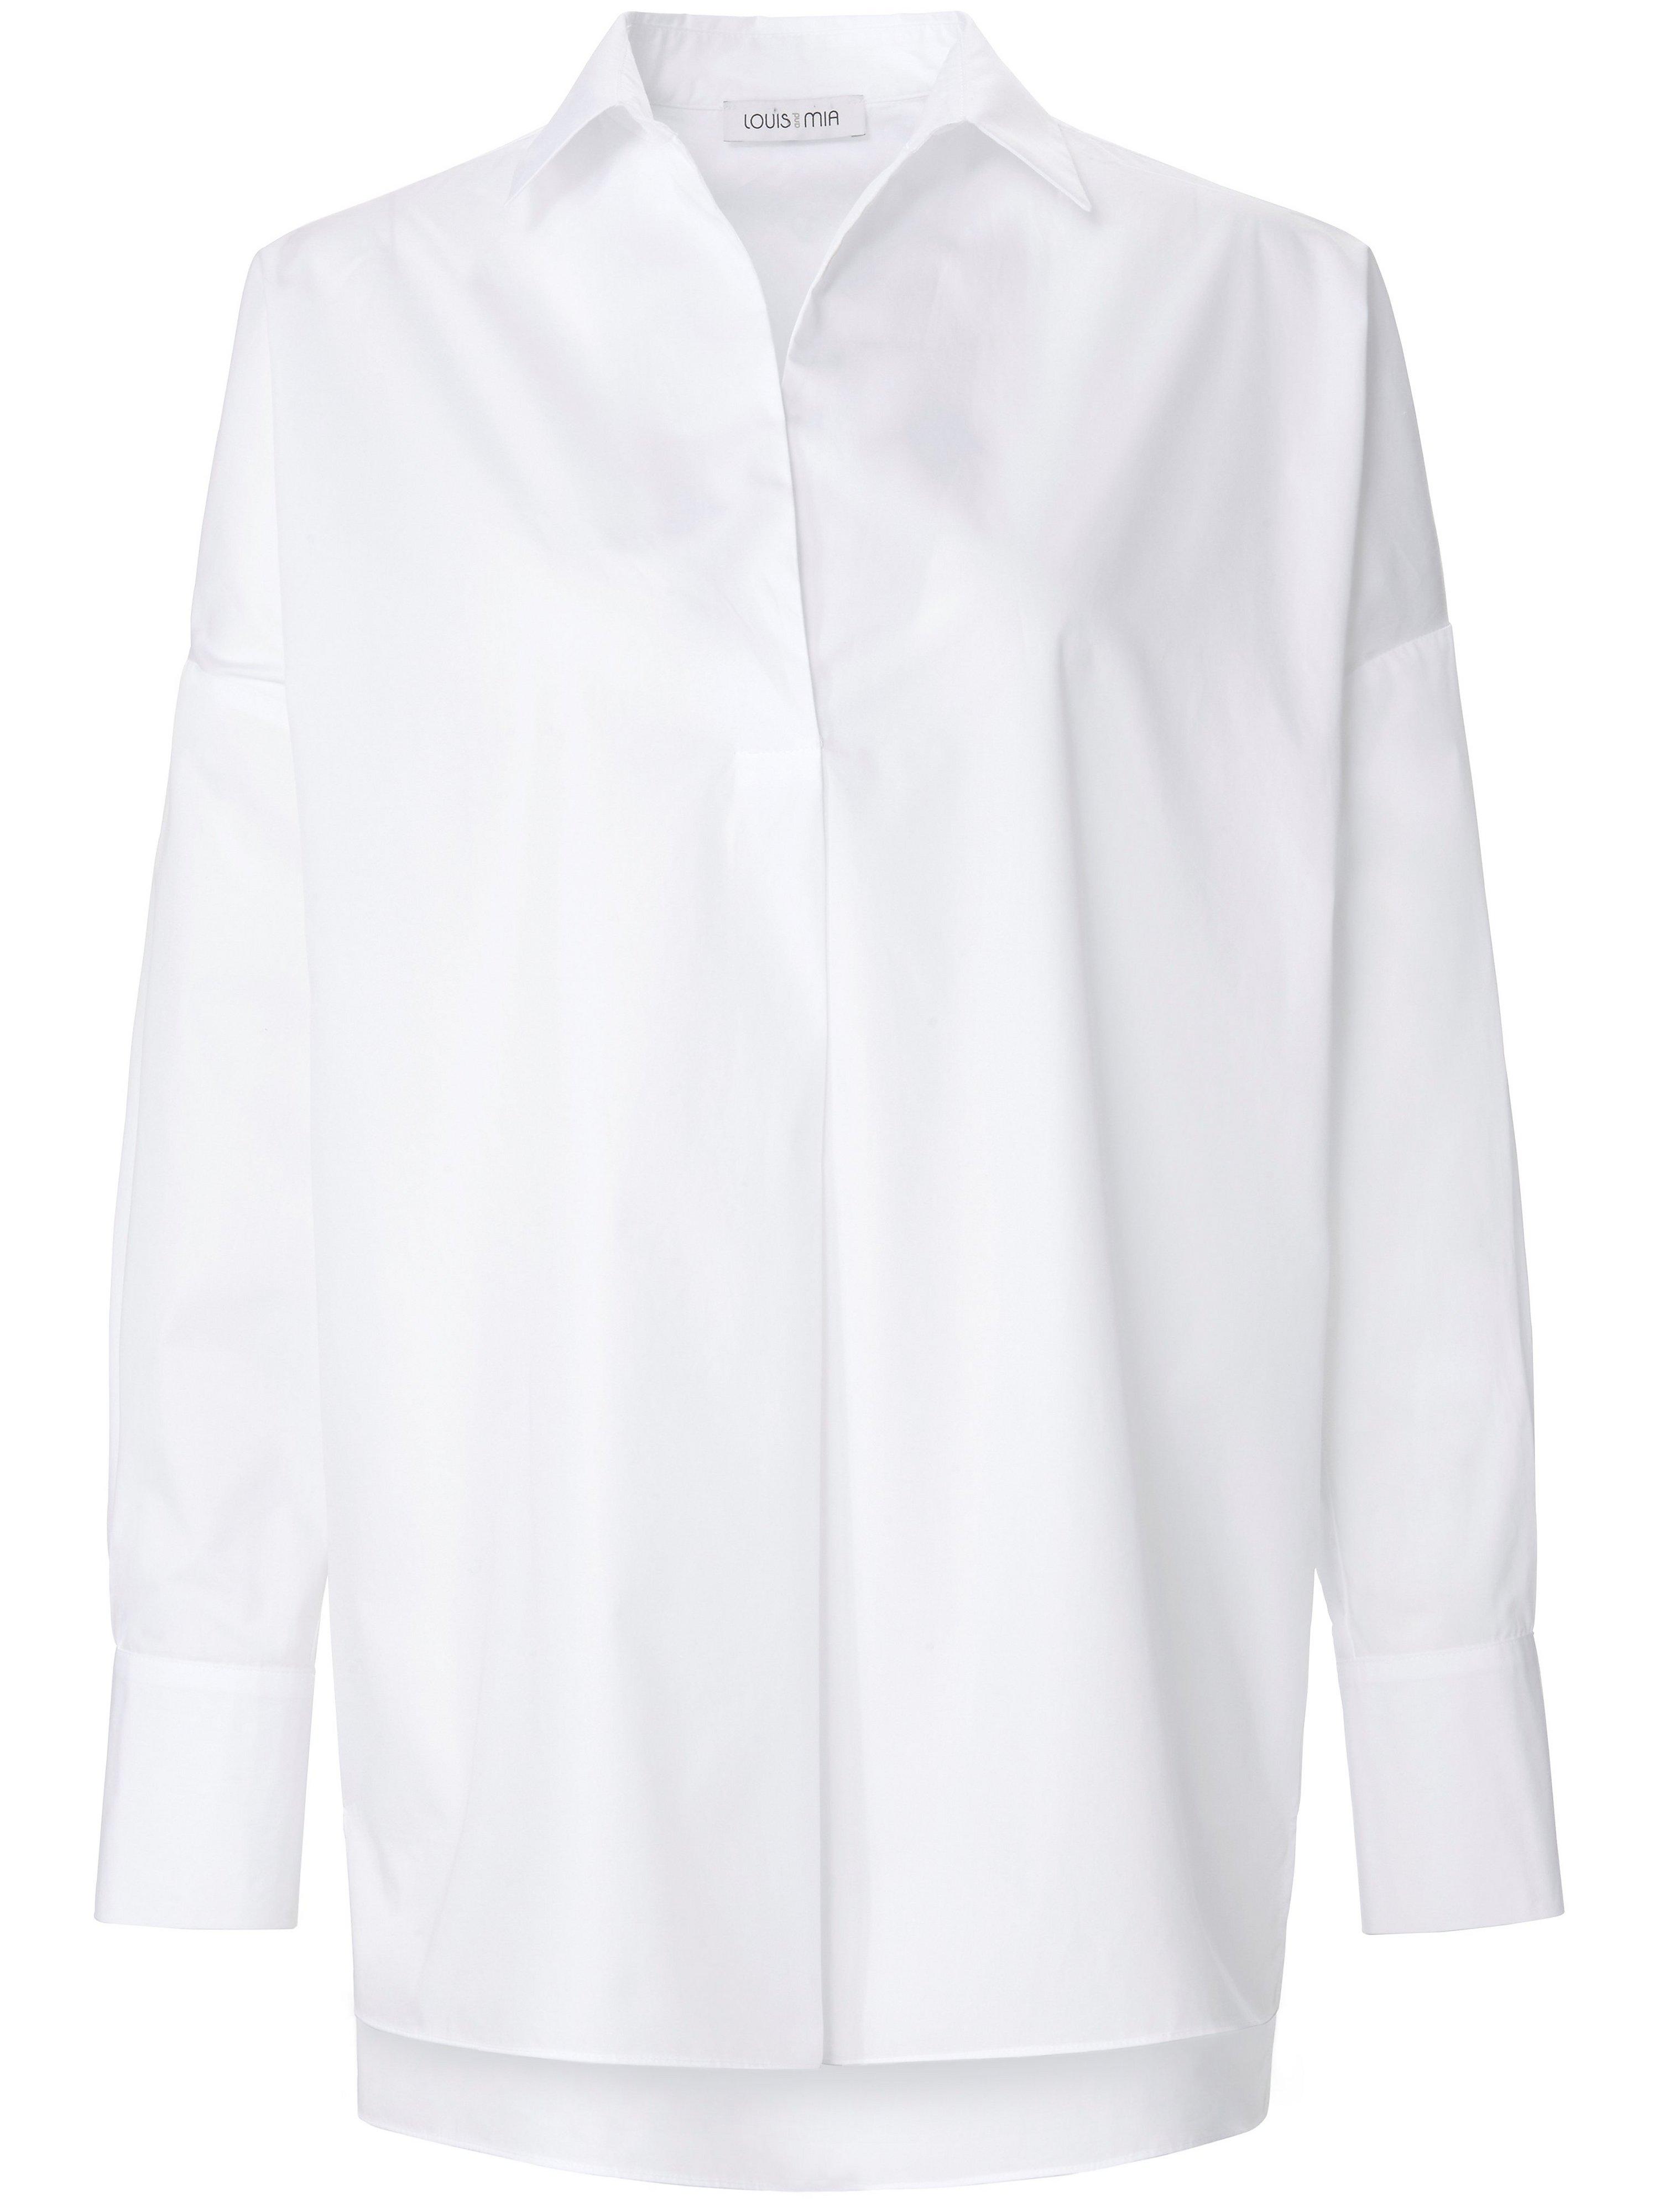 Lange blouse 100% katoen lange mouwen Van Louis and Mia wit